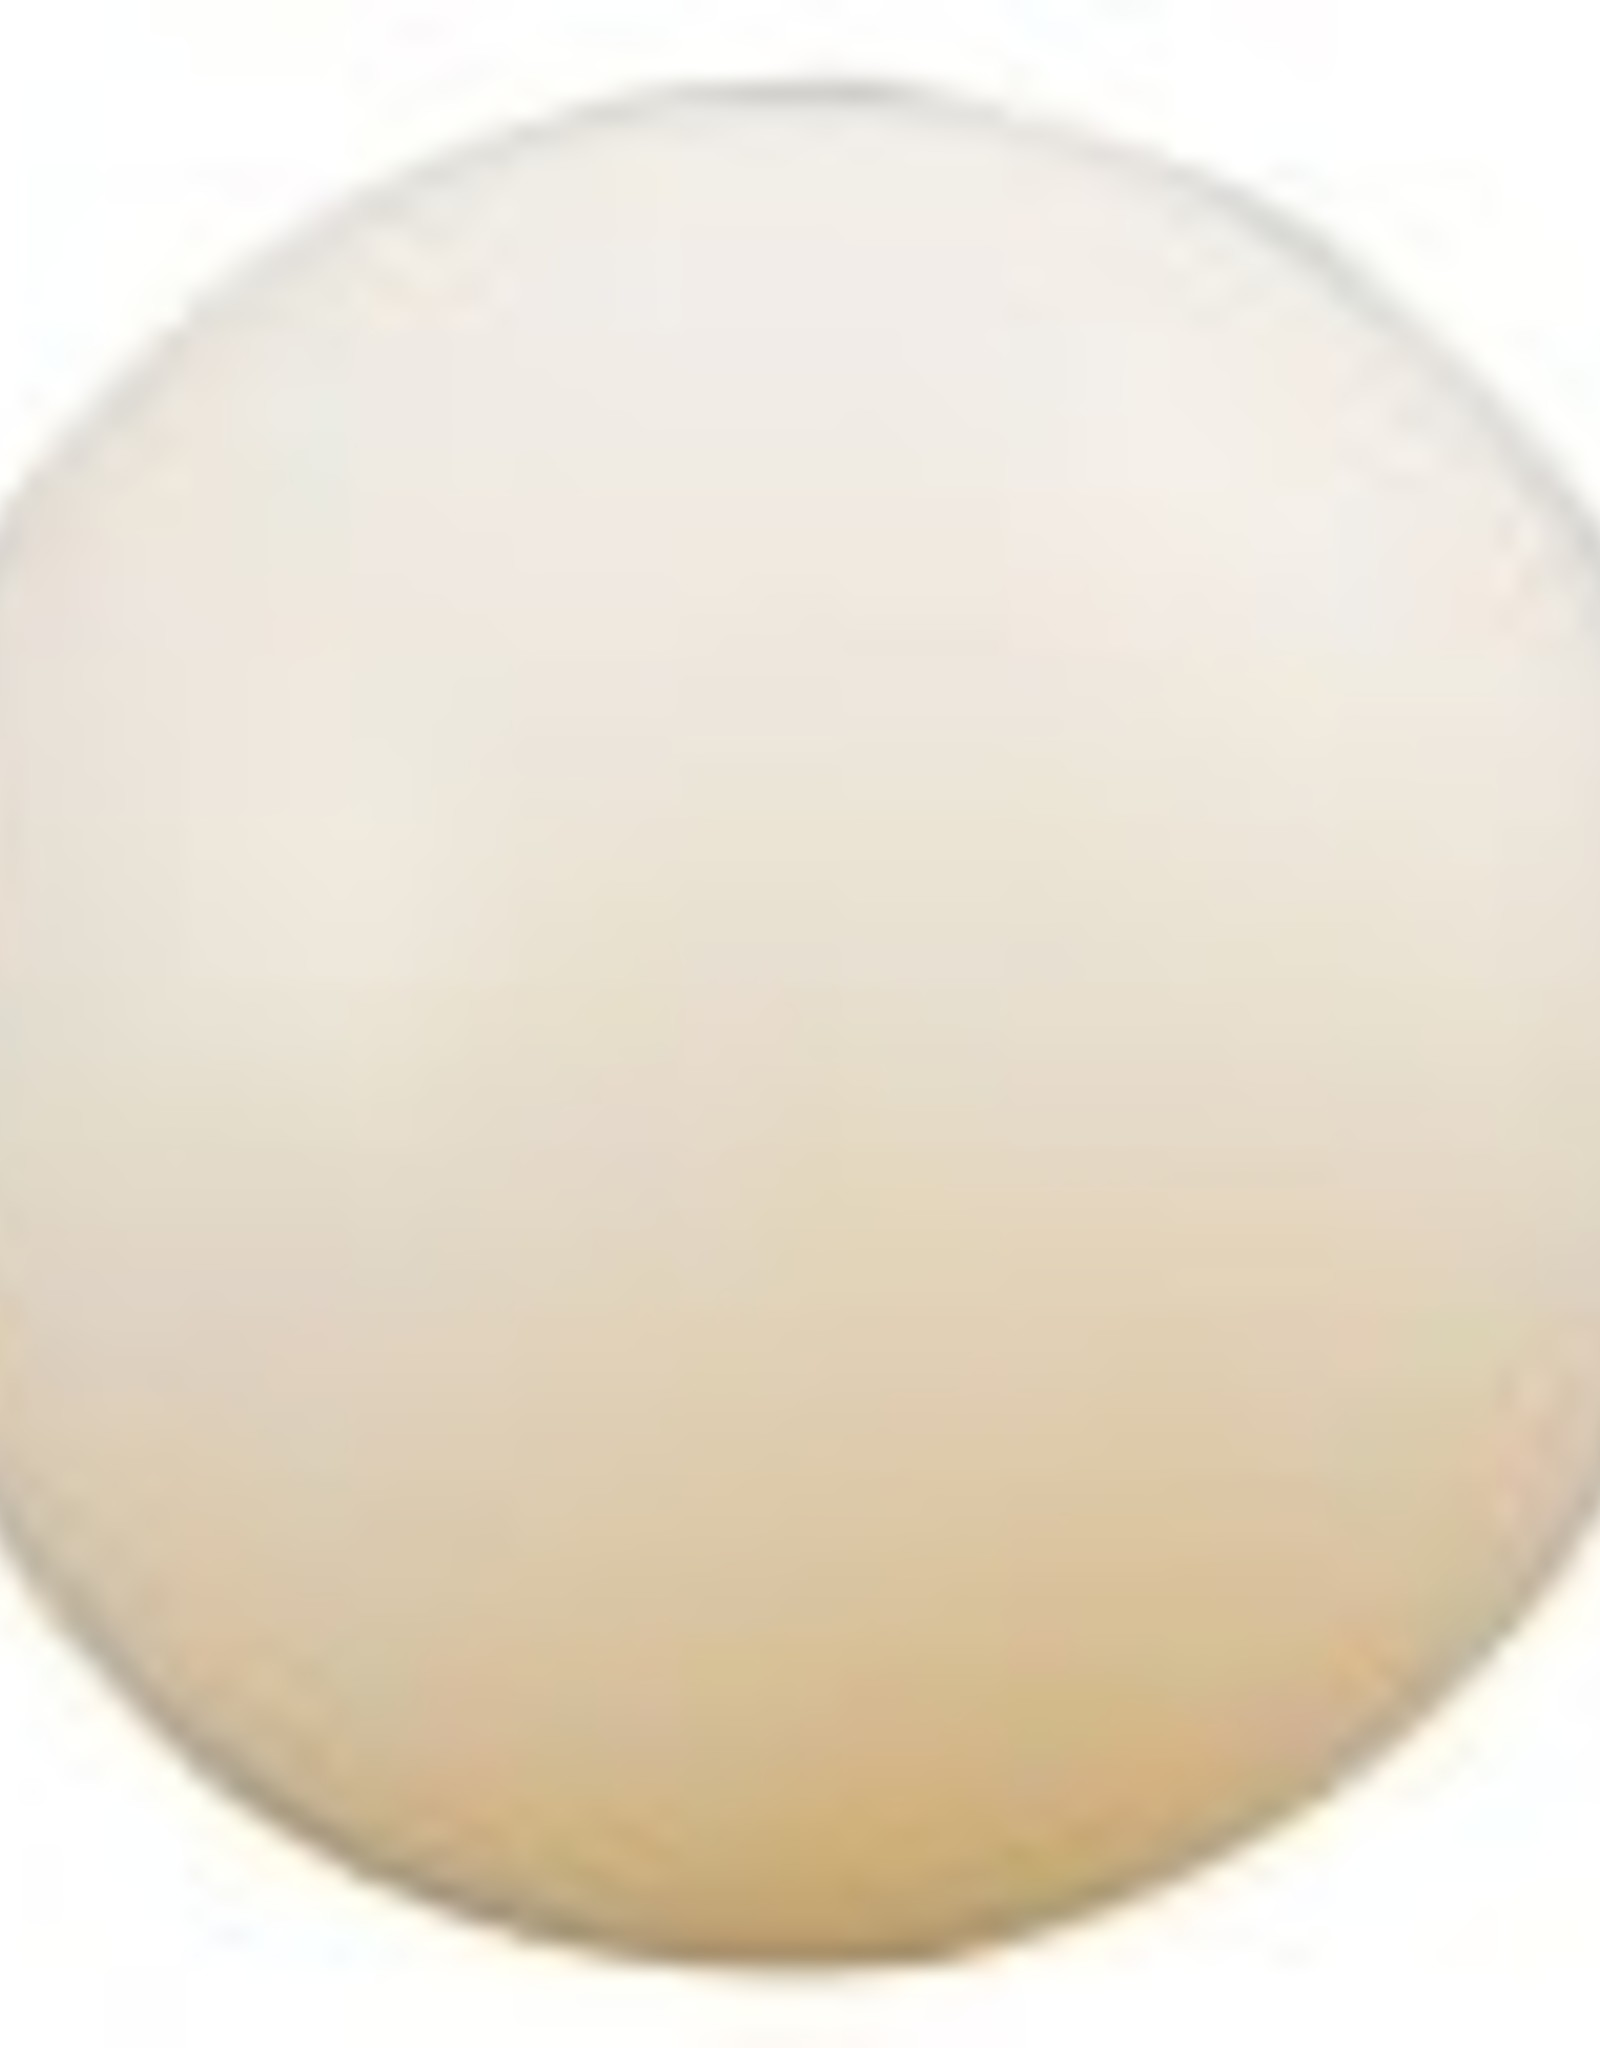 SANKE- CHECK BALL